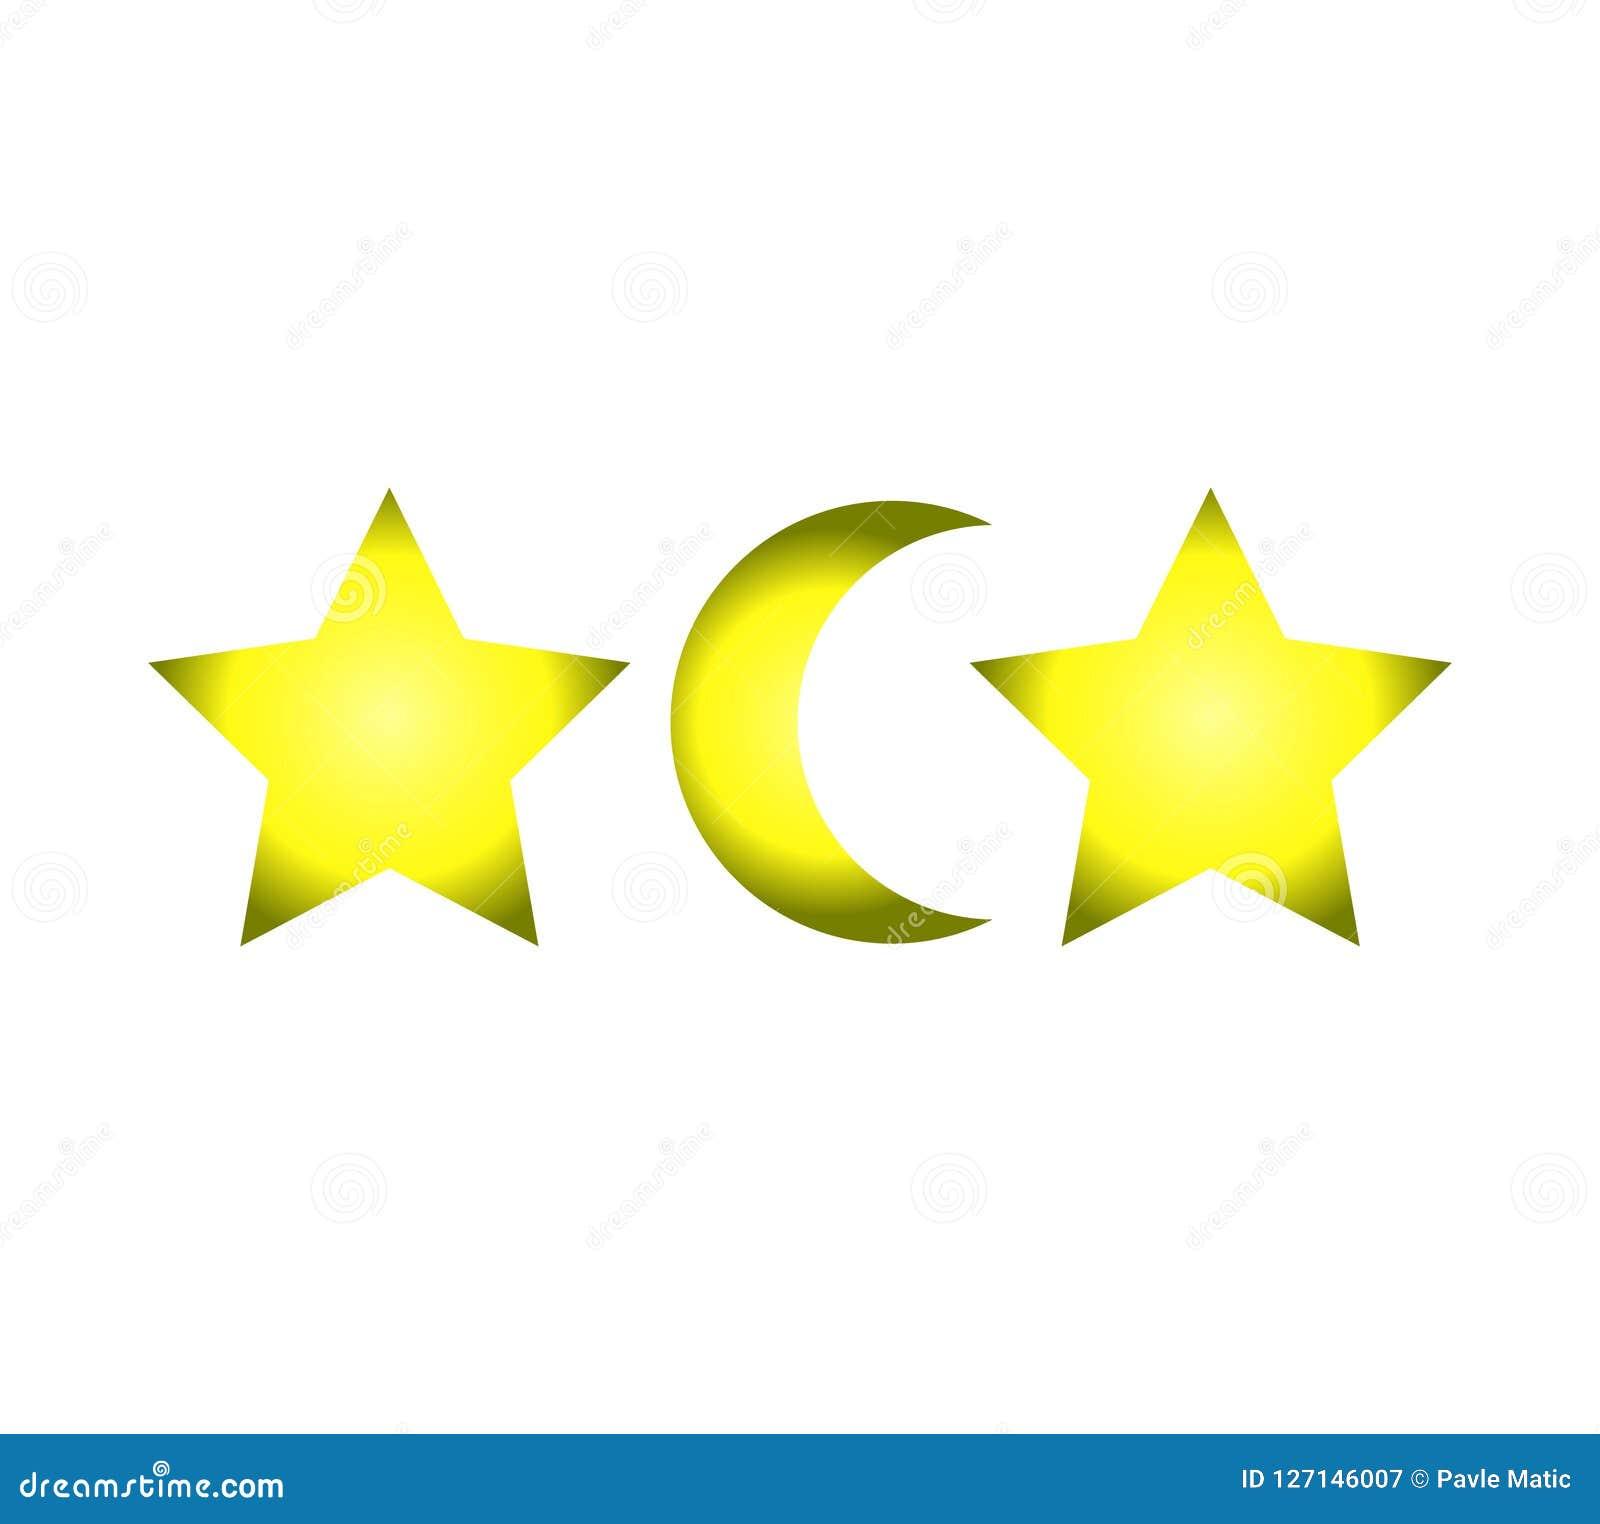 drei symbole zwei sterne und ein mond vektor abbildung